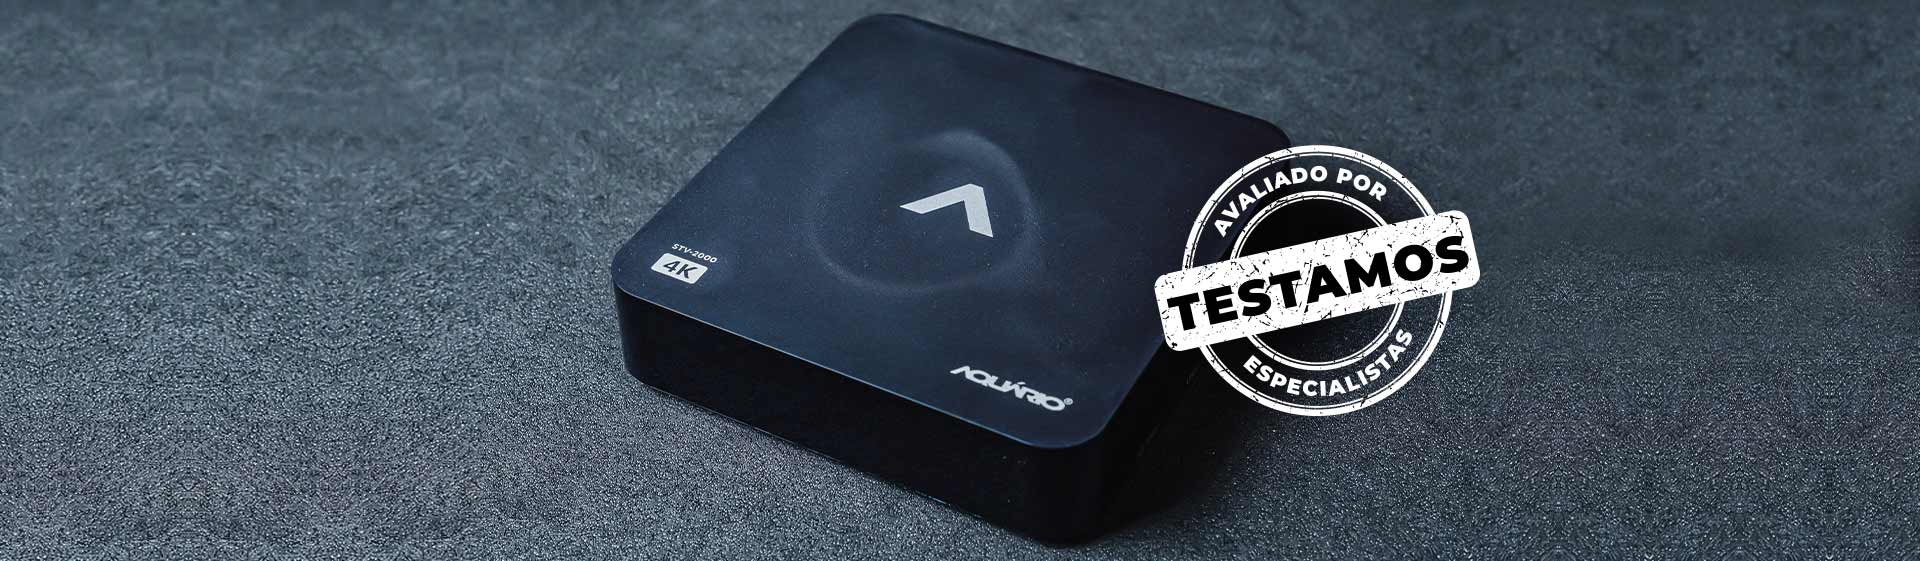 TV Box Aquário STV-2000: resolução 4K, mas poucos recursos